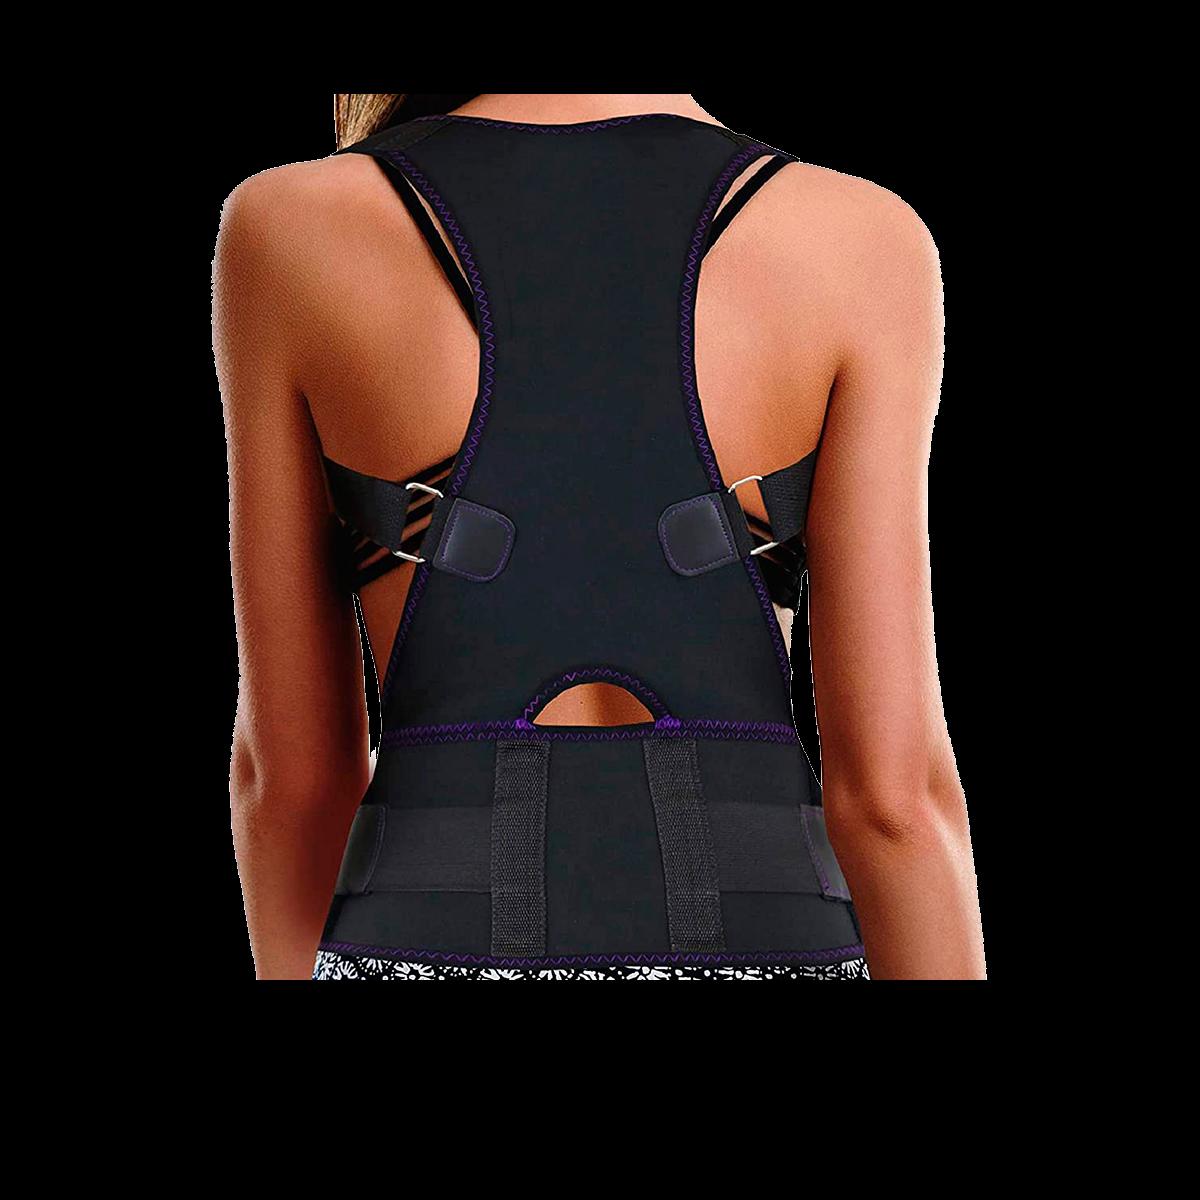 Orthopedic garments